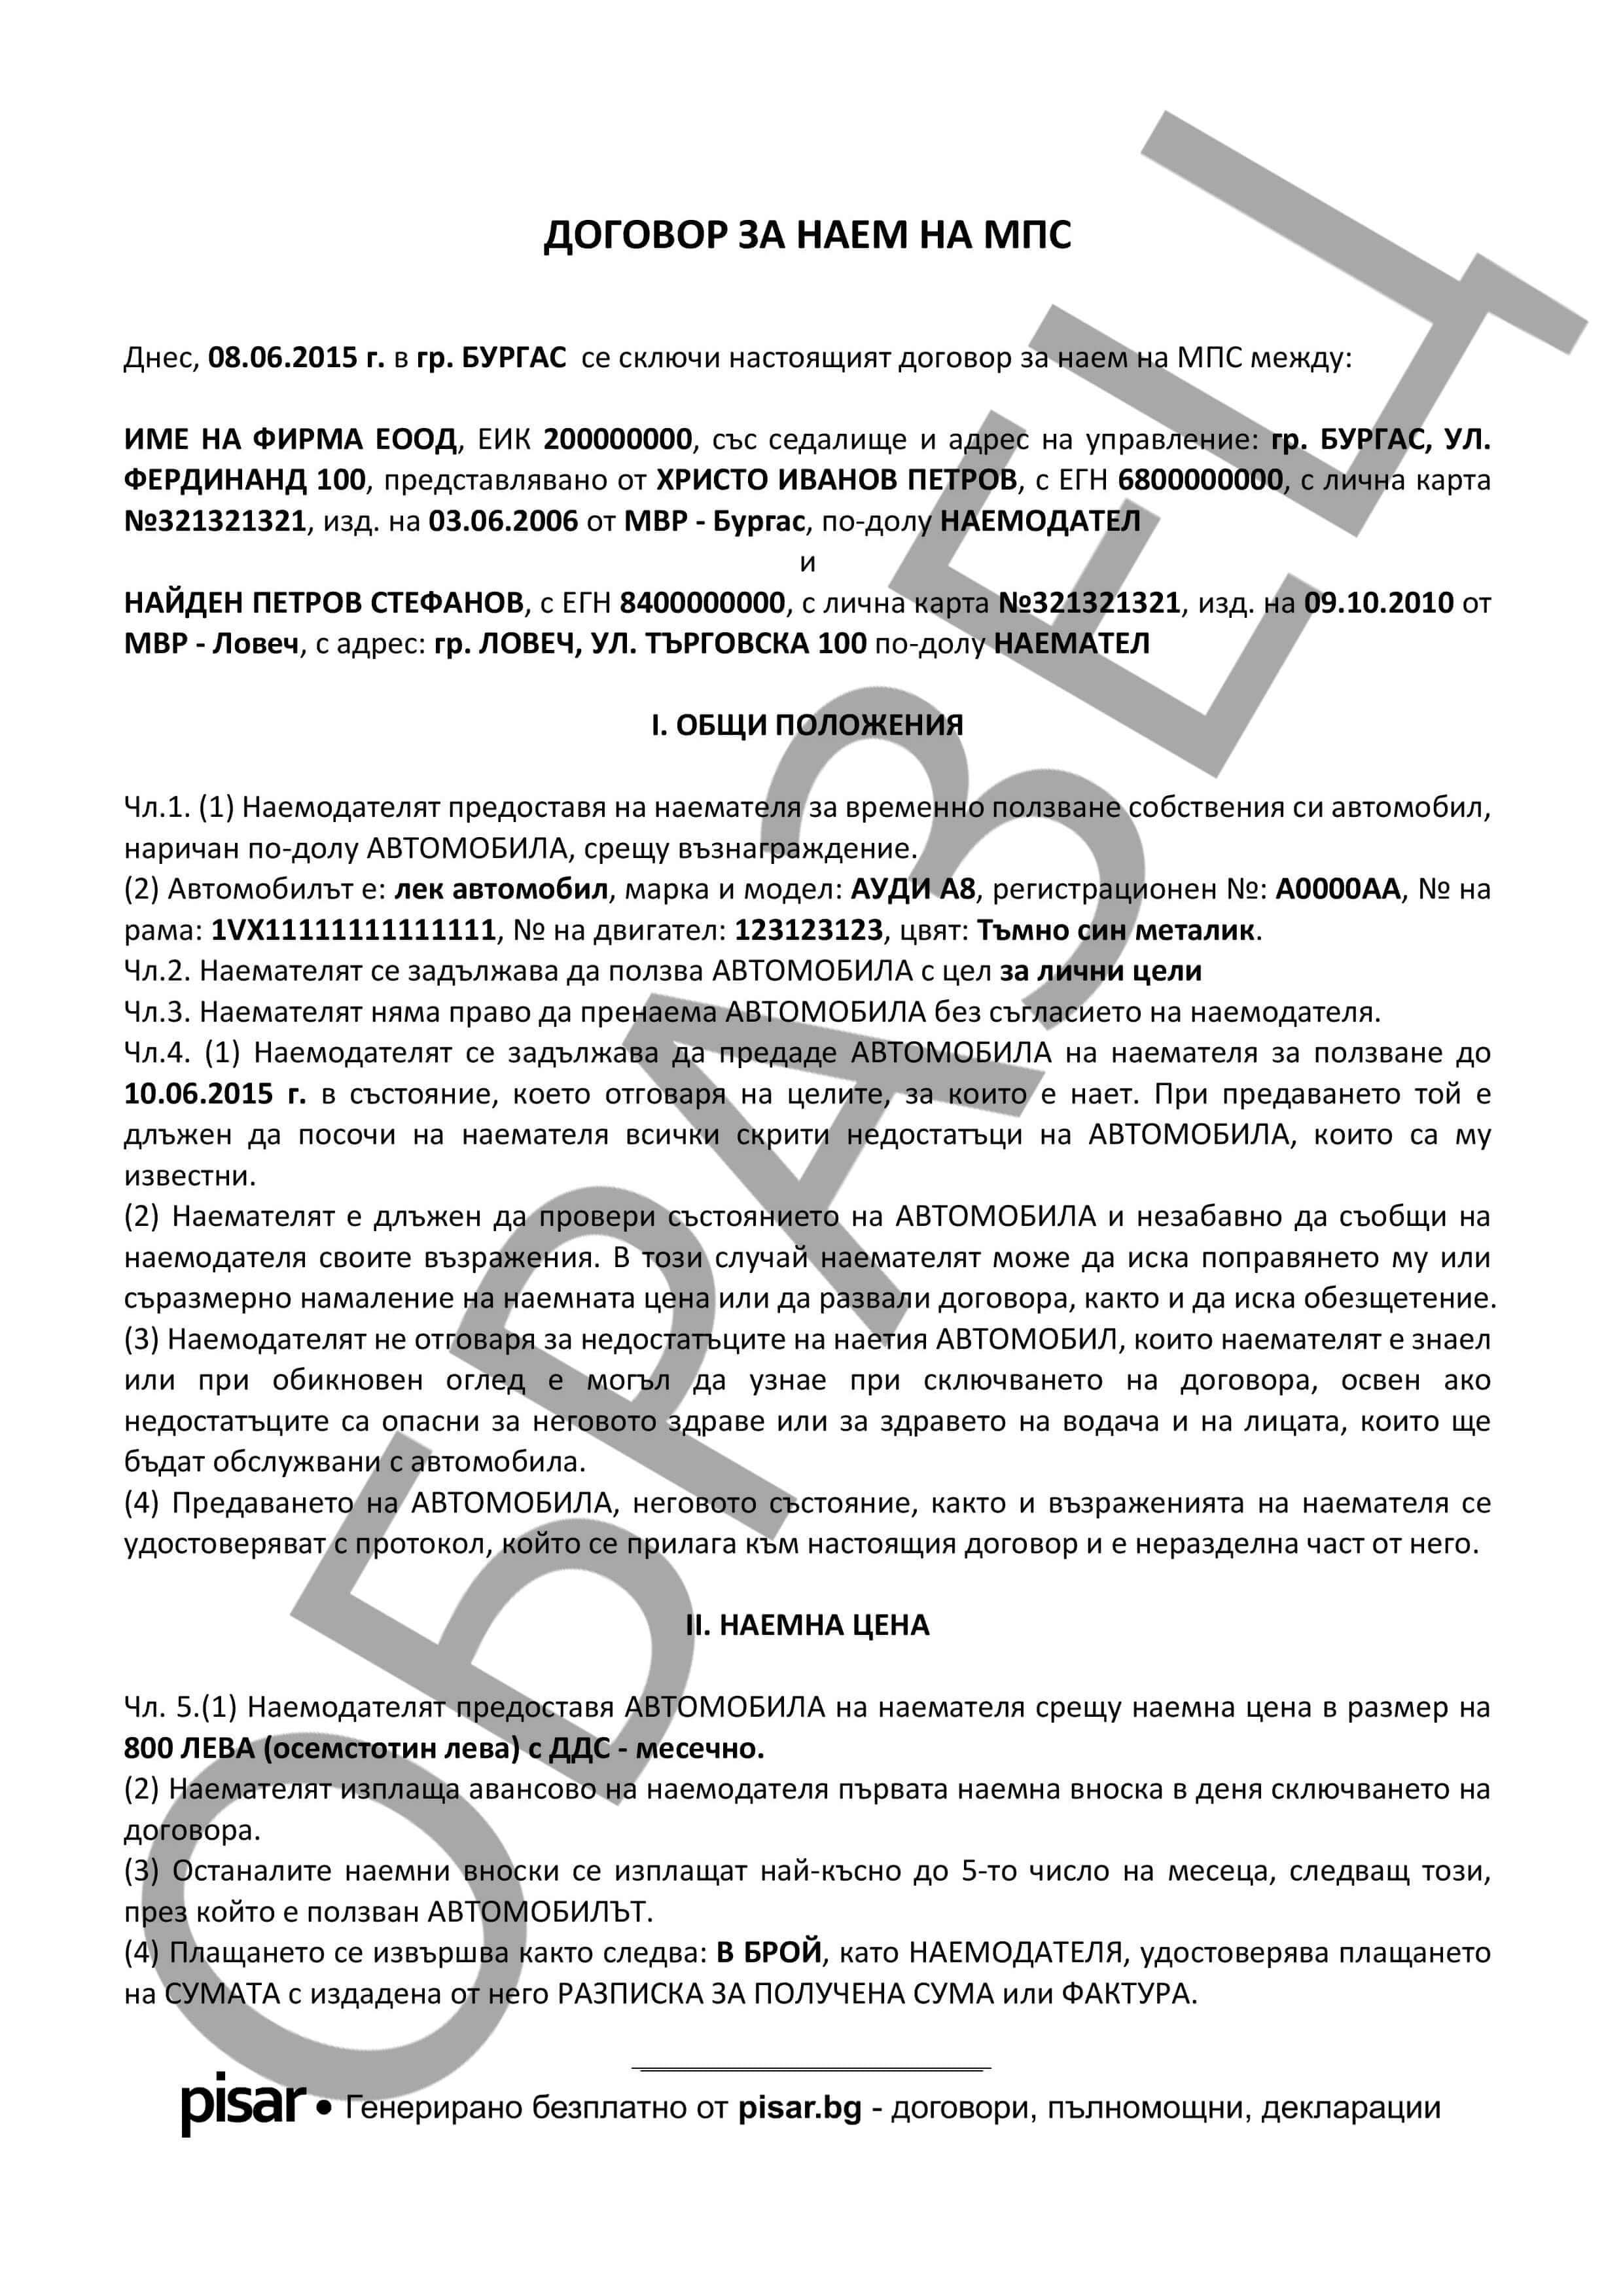 Примерен документ Договор за наем на МПС